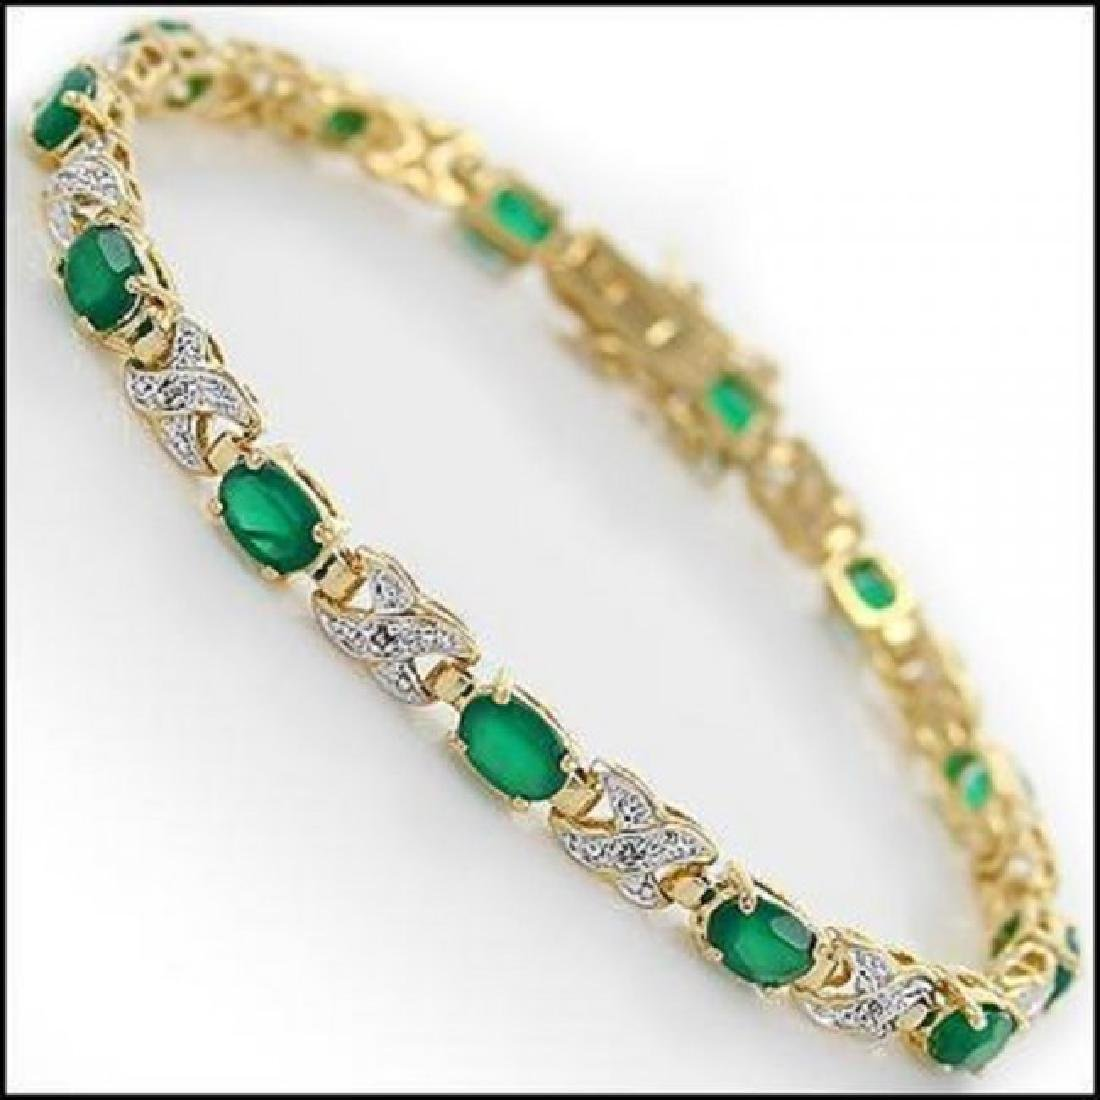 8.84 CT Green Agate & Diamond Designer Bracelet $1395